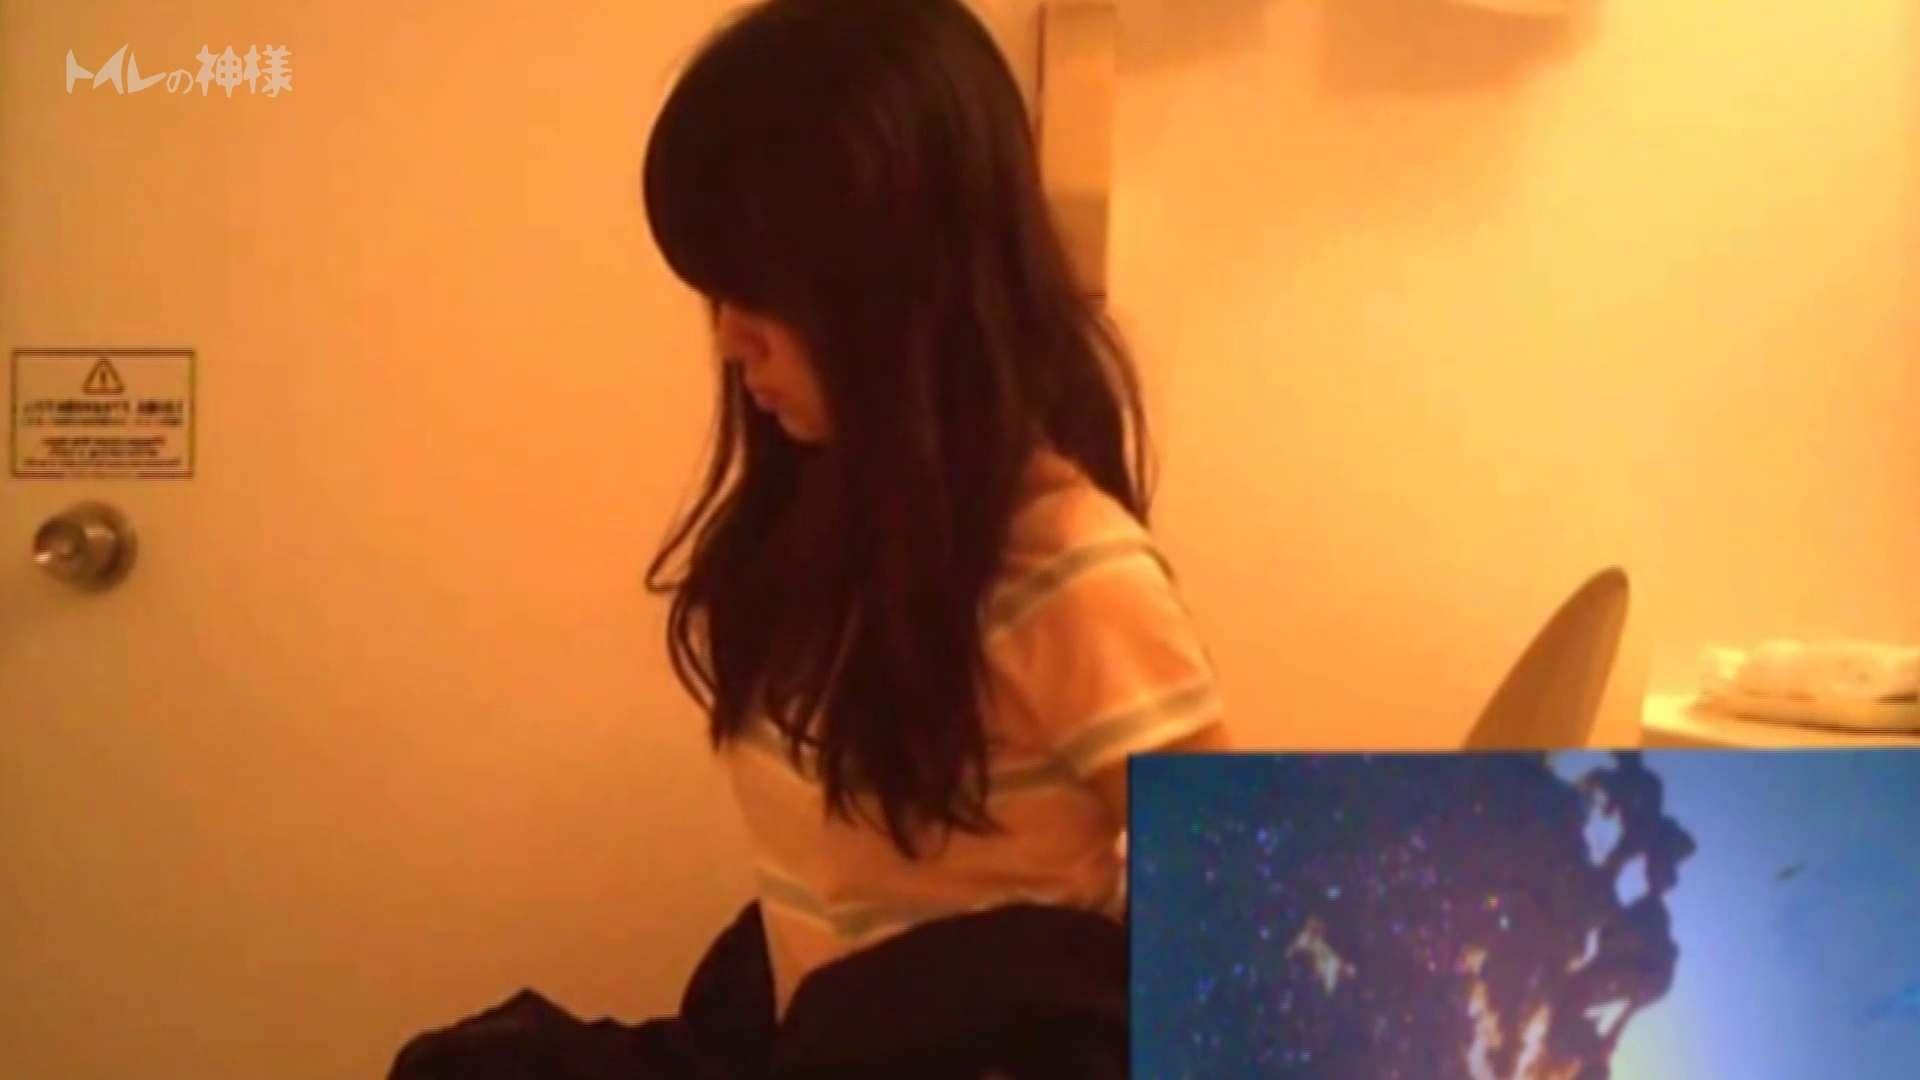 Vol.04 女子大生のトイレ恥態 洗面所のぞき すけべAV動画紹介 92枚 82